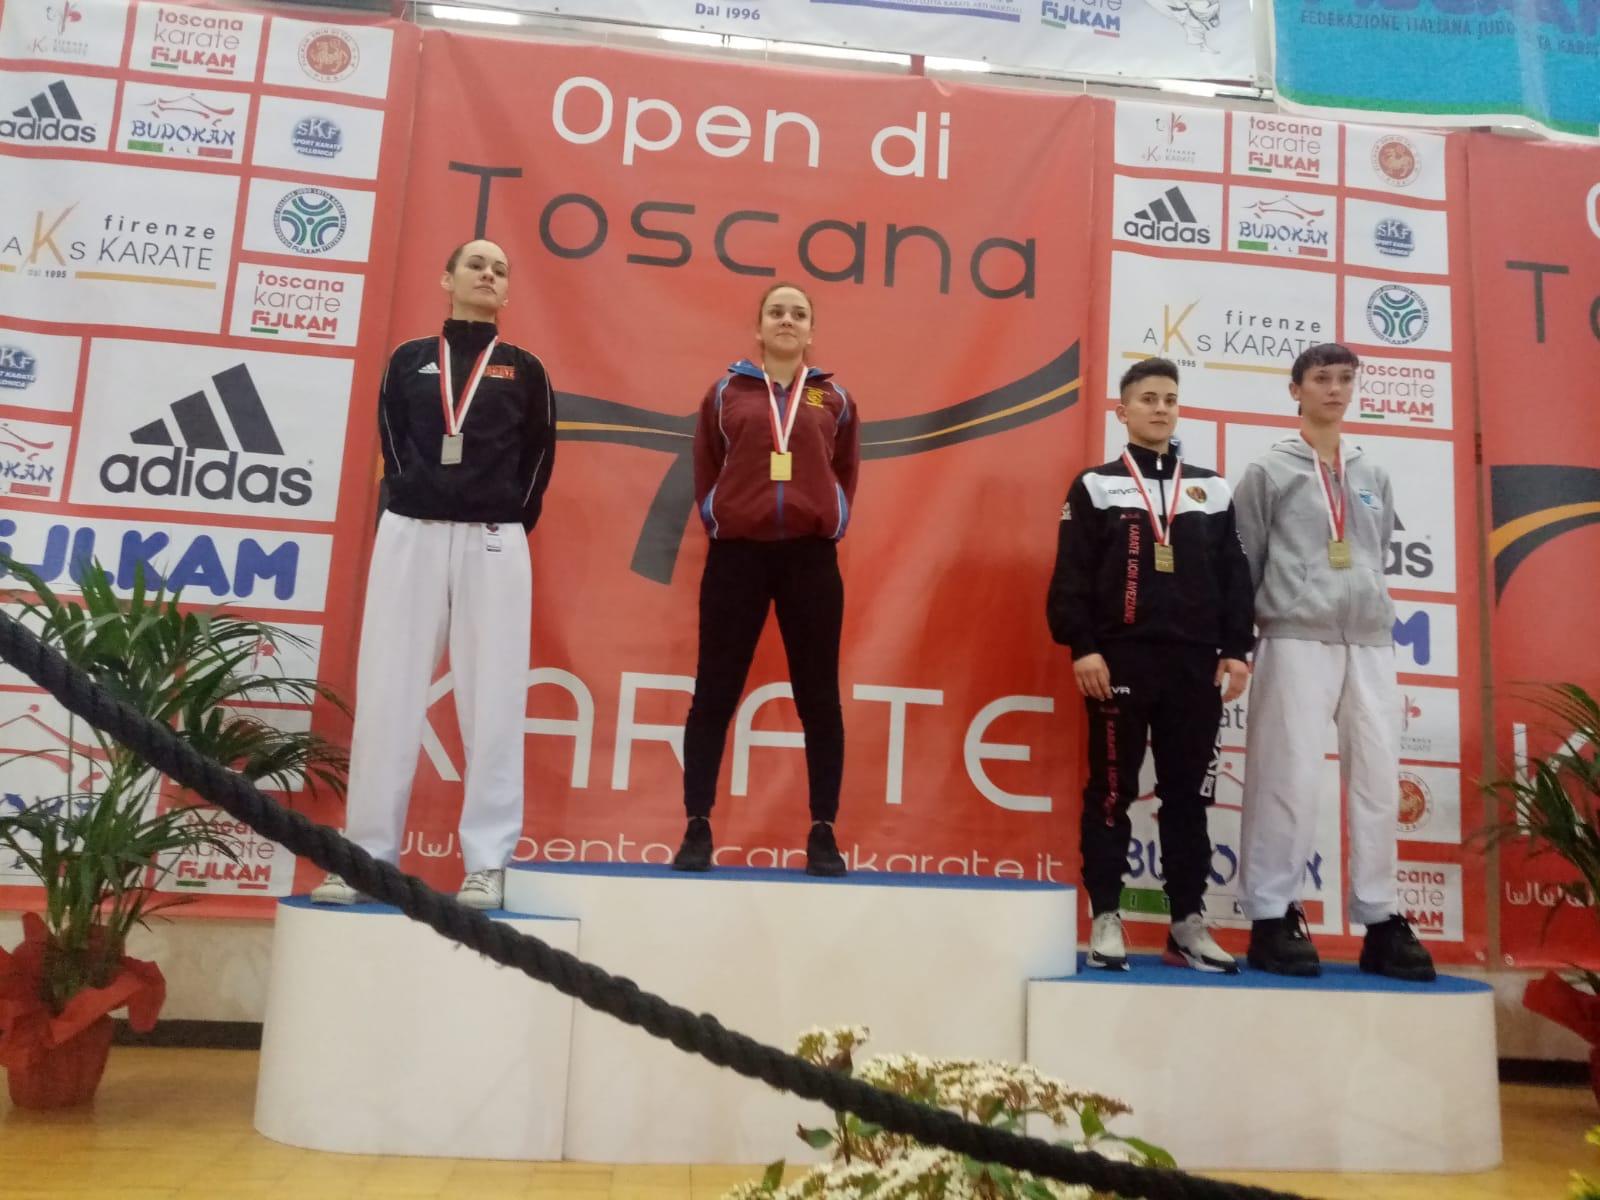 Una strepitosa Michela Paris conquista il terzo posto all'Open di Toscana